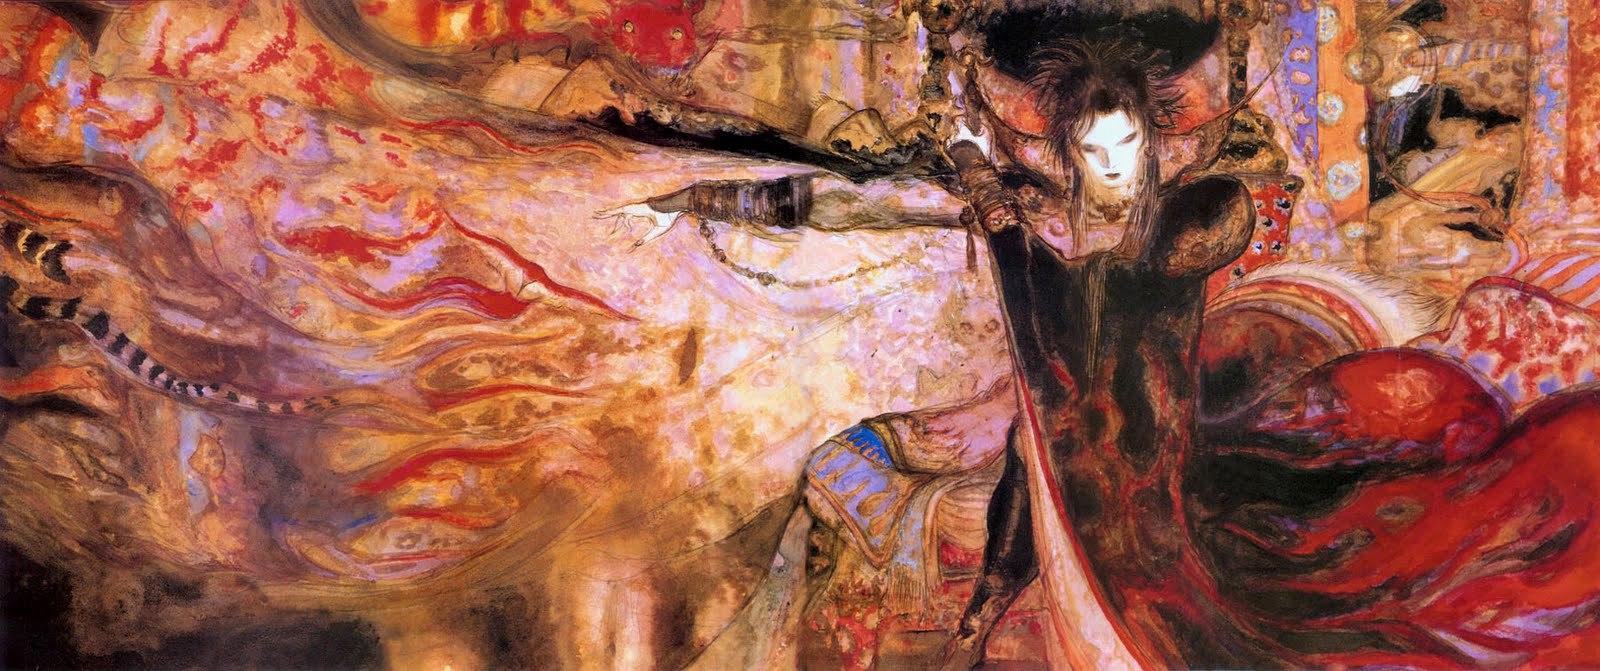 Yoshitaka Amano's interpretation of Morpheus.